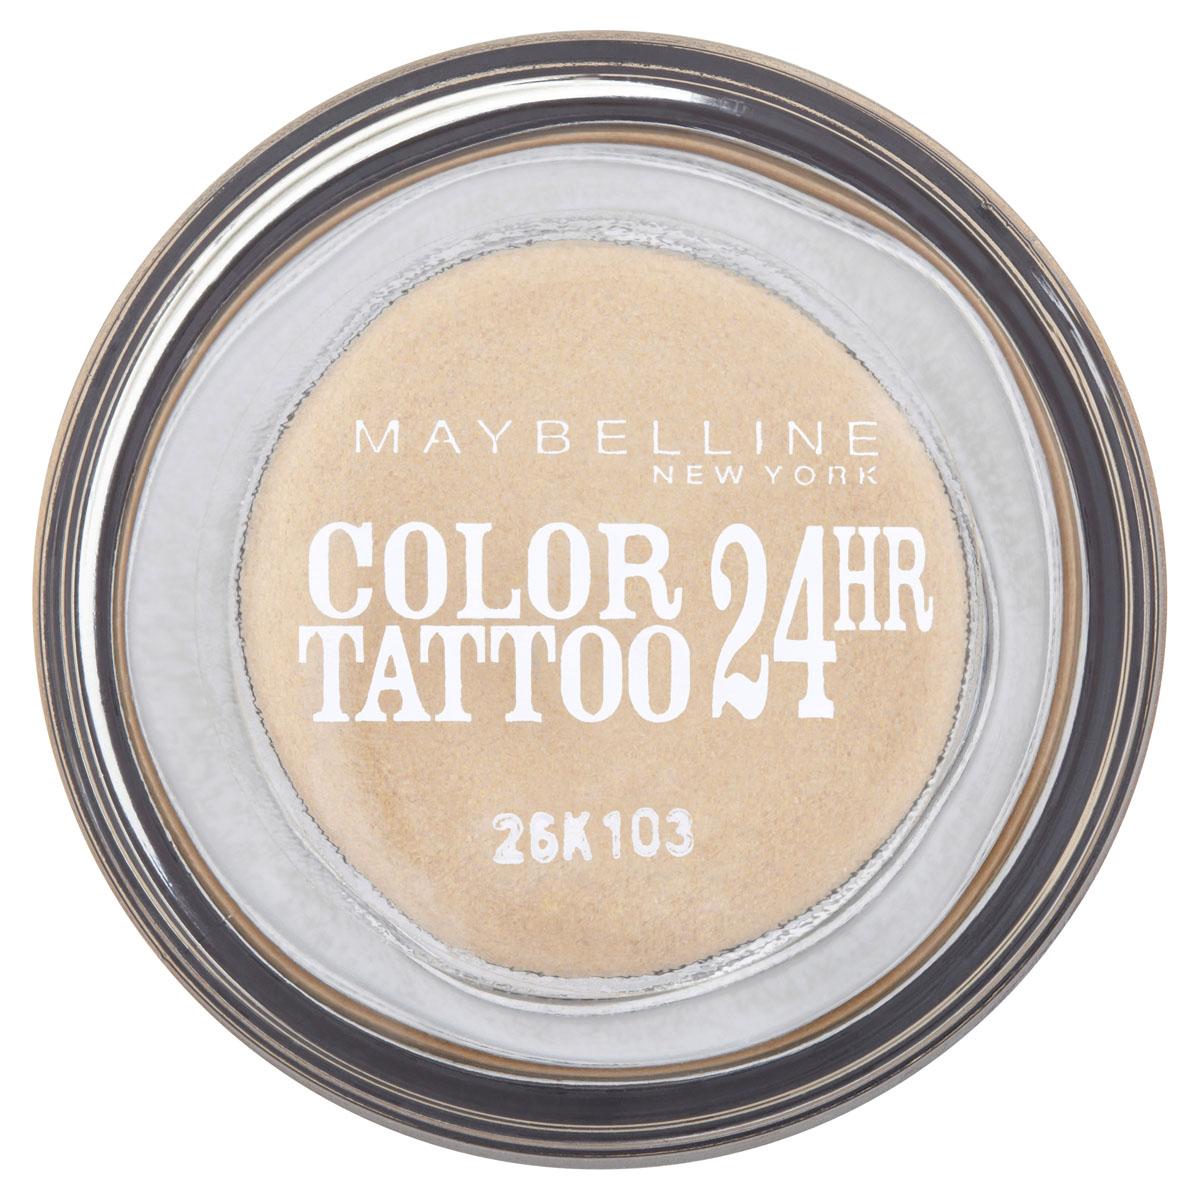 Maybelline New York Тени для век Color Tattoo 24 часа, оттенок 05, Вечное золото, 4 млB1949000Осмелься на ультраяркий, самый стойкий цвет! Супернасыщенные крем-гелевые тени с технологией тату-пигментов. Насыщенные, устойчивые тени Maybelline Color Tattoo 24 часа предназначены для дневного и вечернего макияжа. Тени словно татуировка надежно закрепляются на коже, не боятся влаги, не скатываются и не размазываются, даже если потереть глаза рукой. Товар сертифицирован.